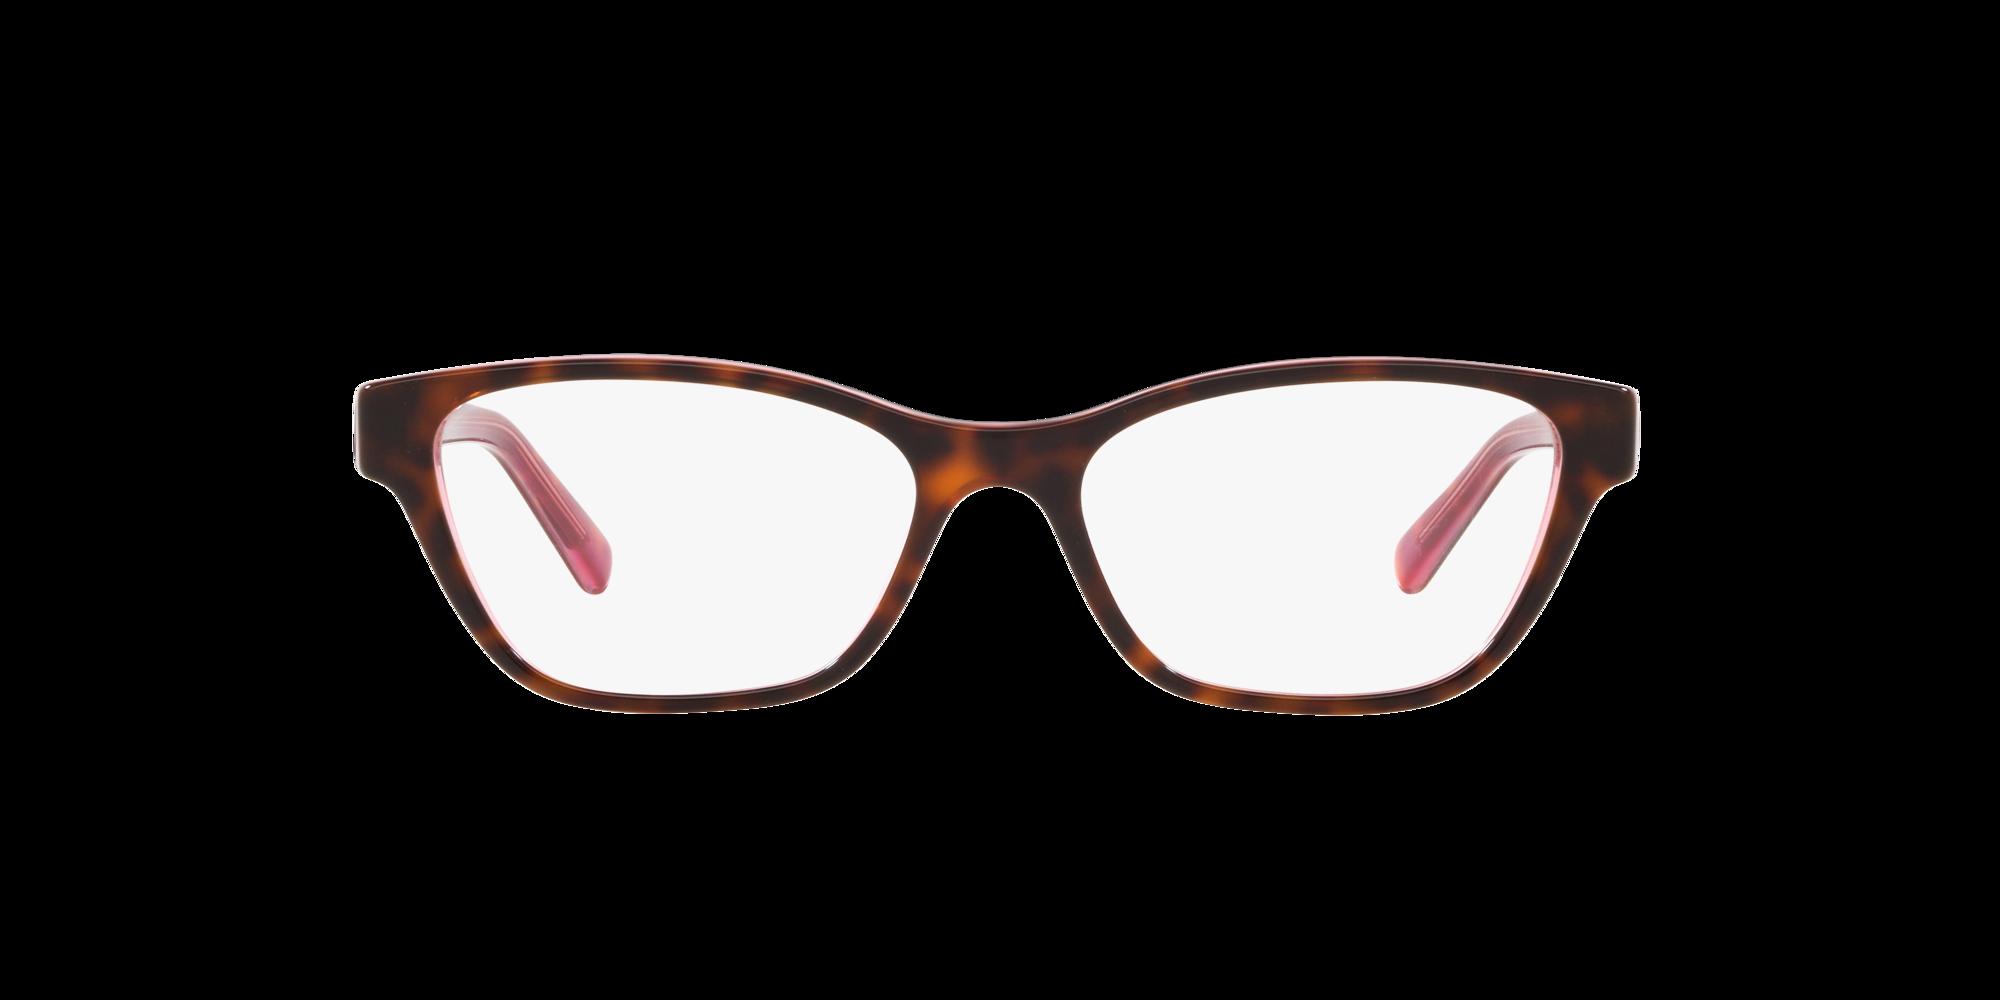 Imagen para EC2001 de LensCrafters |  Espejuelos, espejuelos graduados en línea, gafas